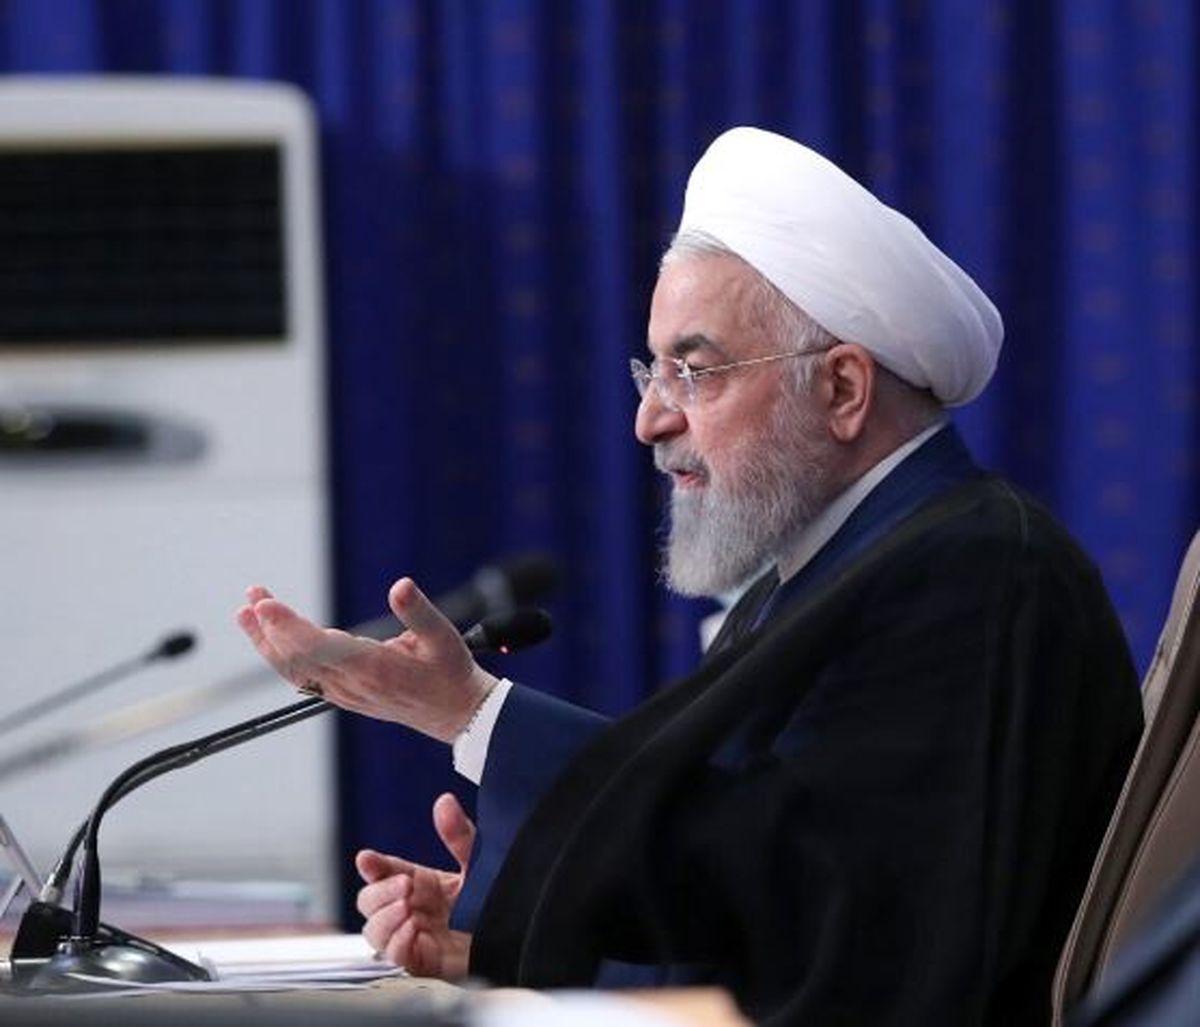 روحانی: تحریم نبود مشکل تامین واکسن خارجی نداشتیم